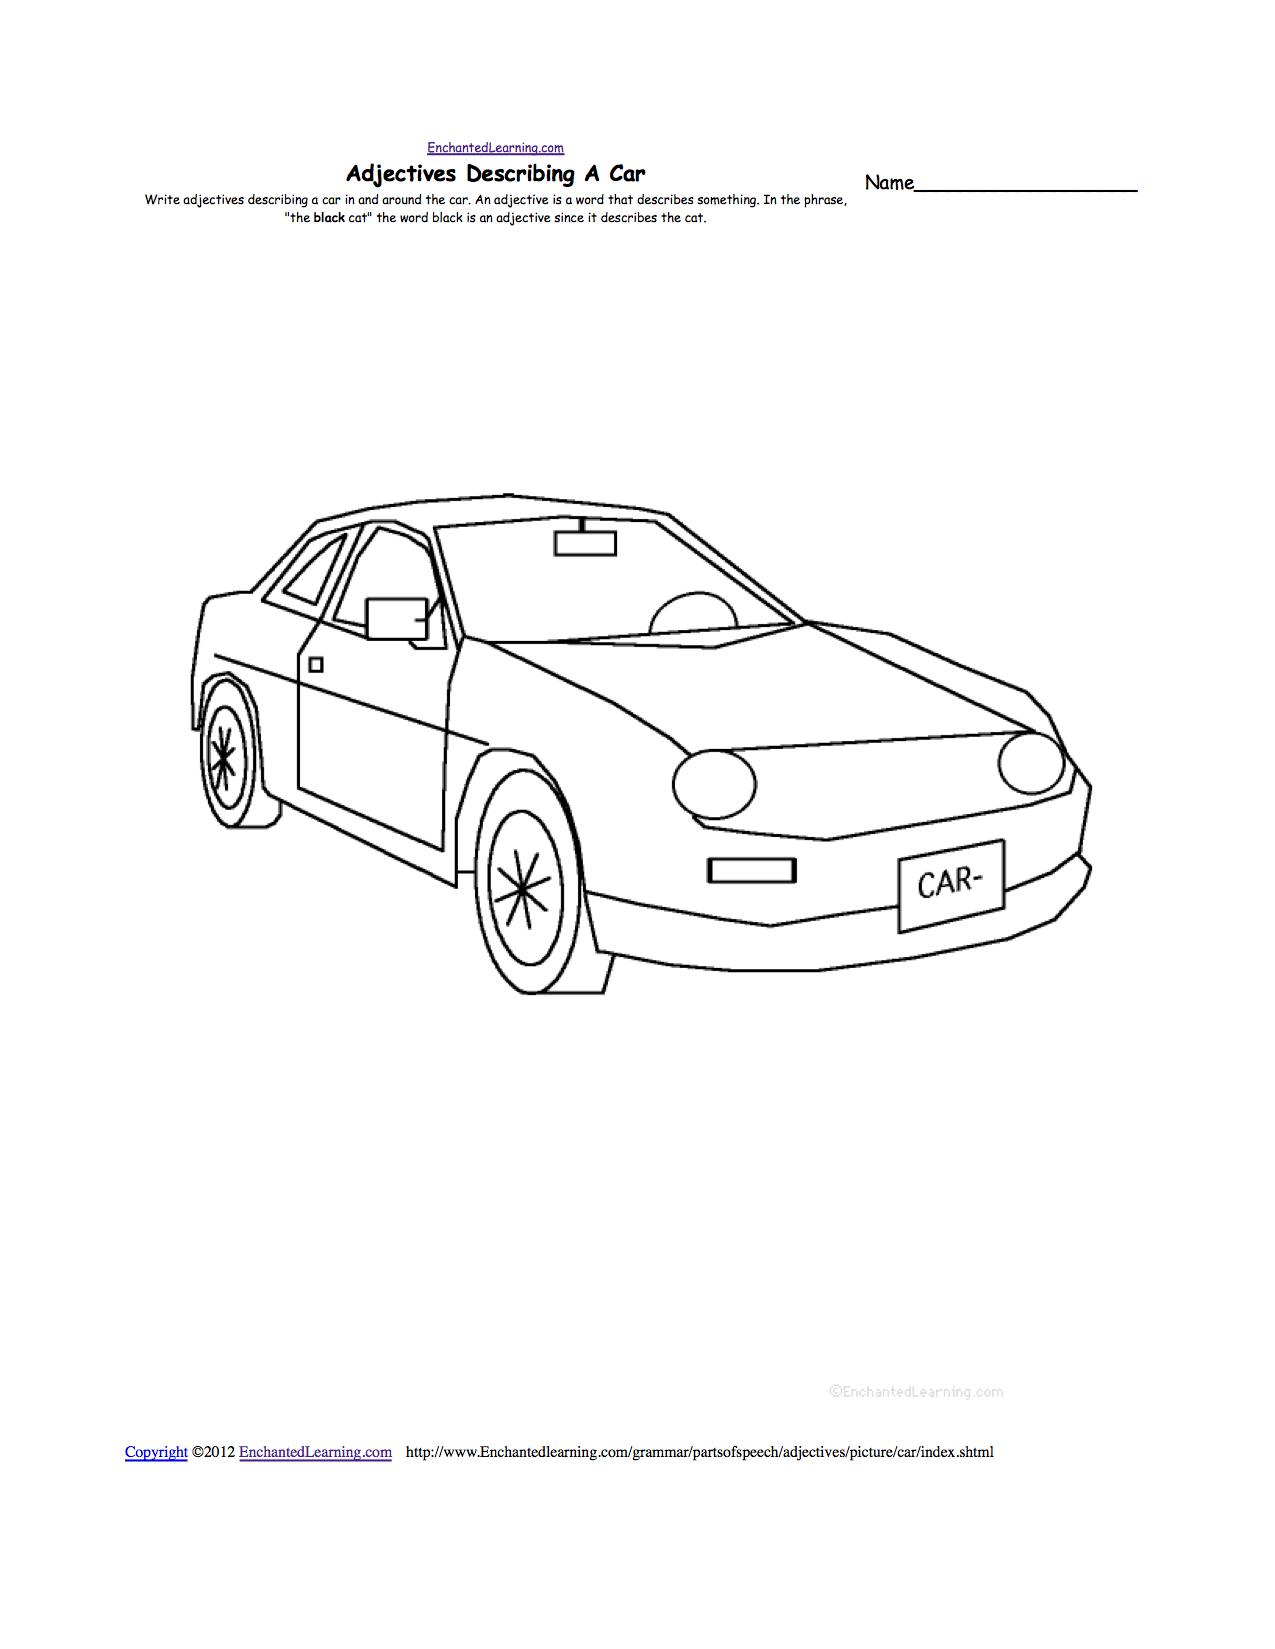 Worksheets Car Worksheets writing worksheets transportationvehicles at enchantedlearning com adjectives describing a car